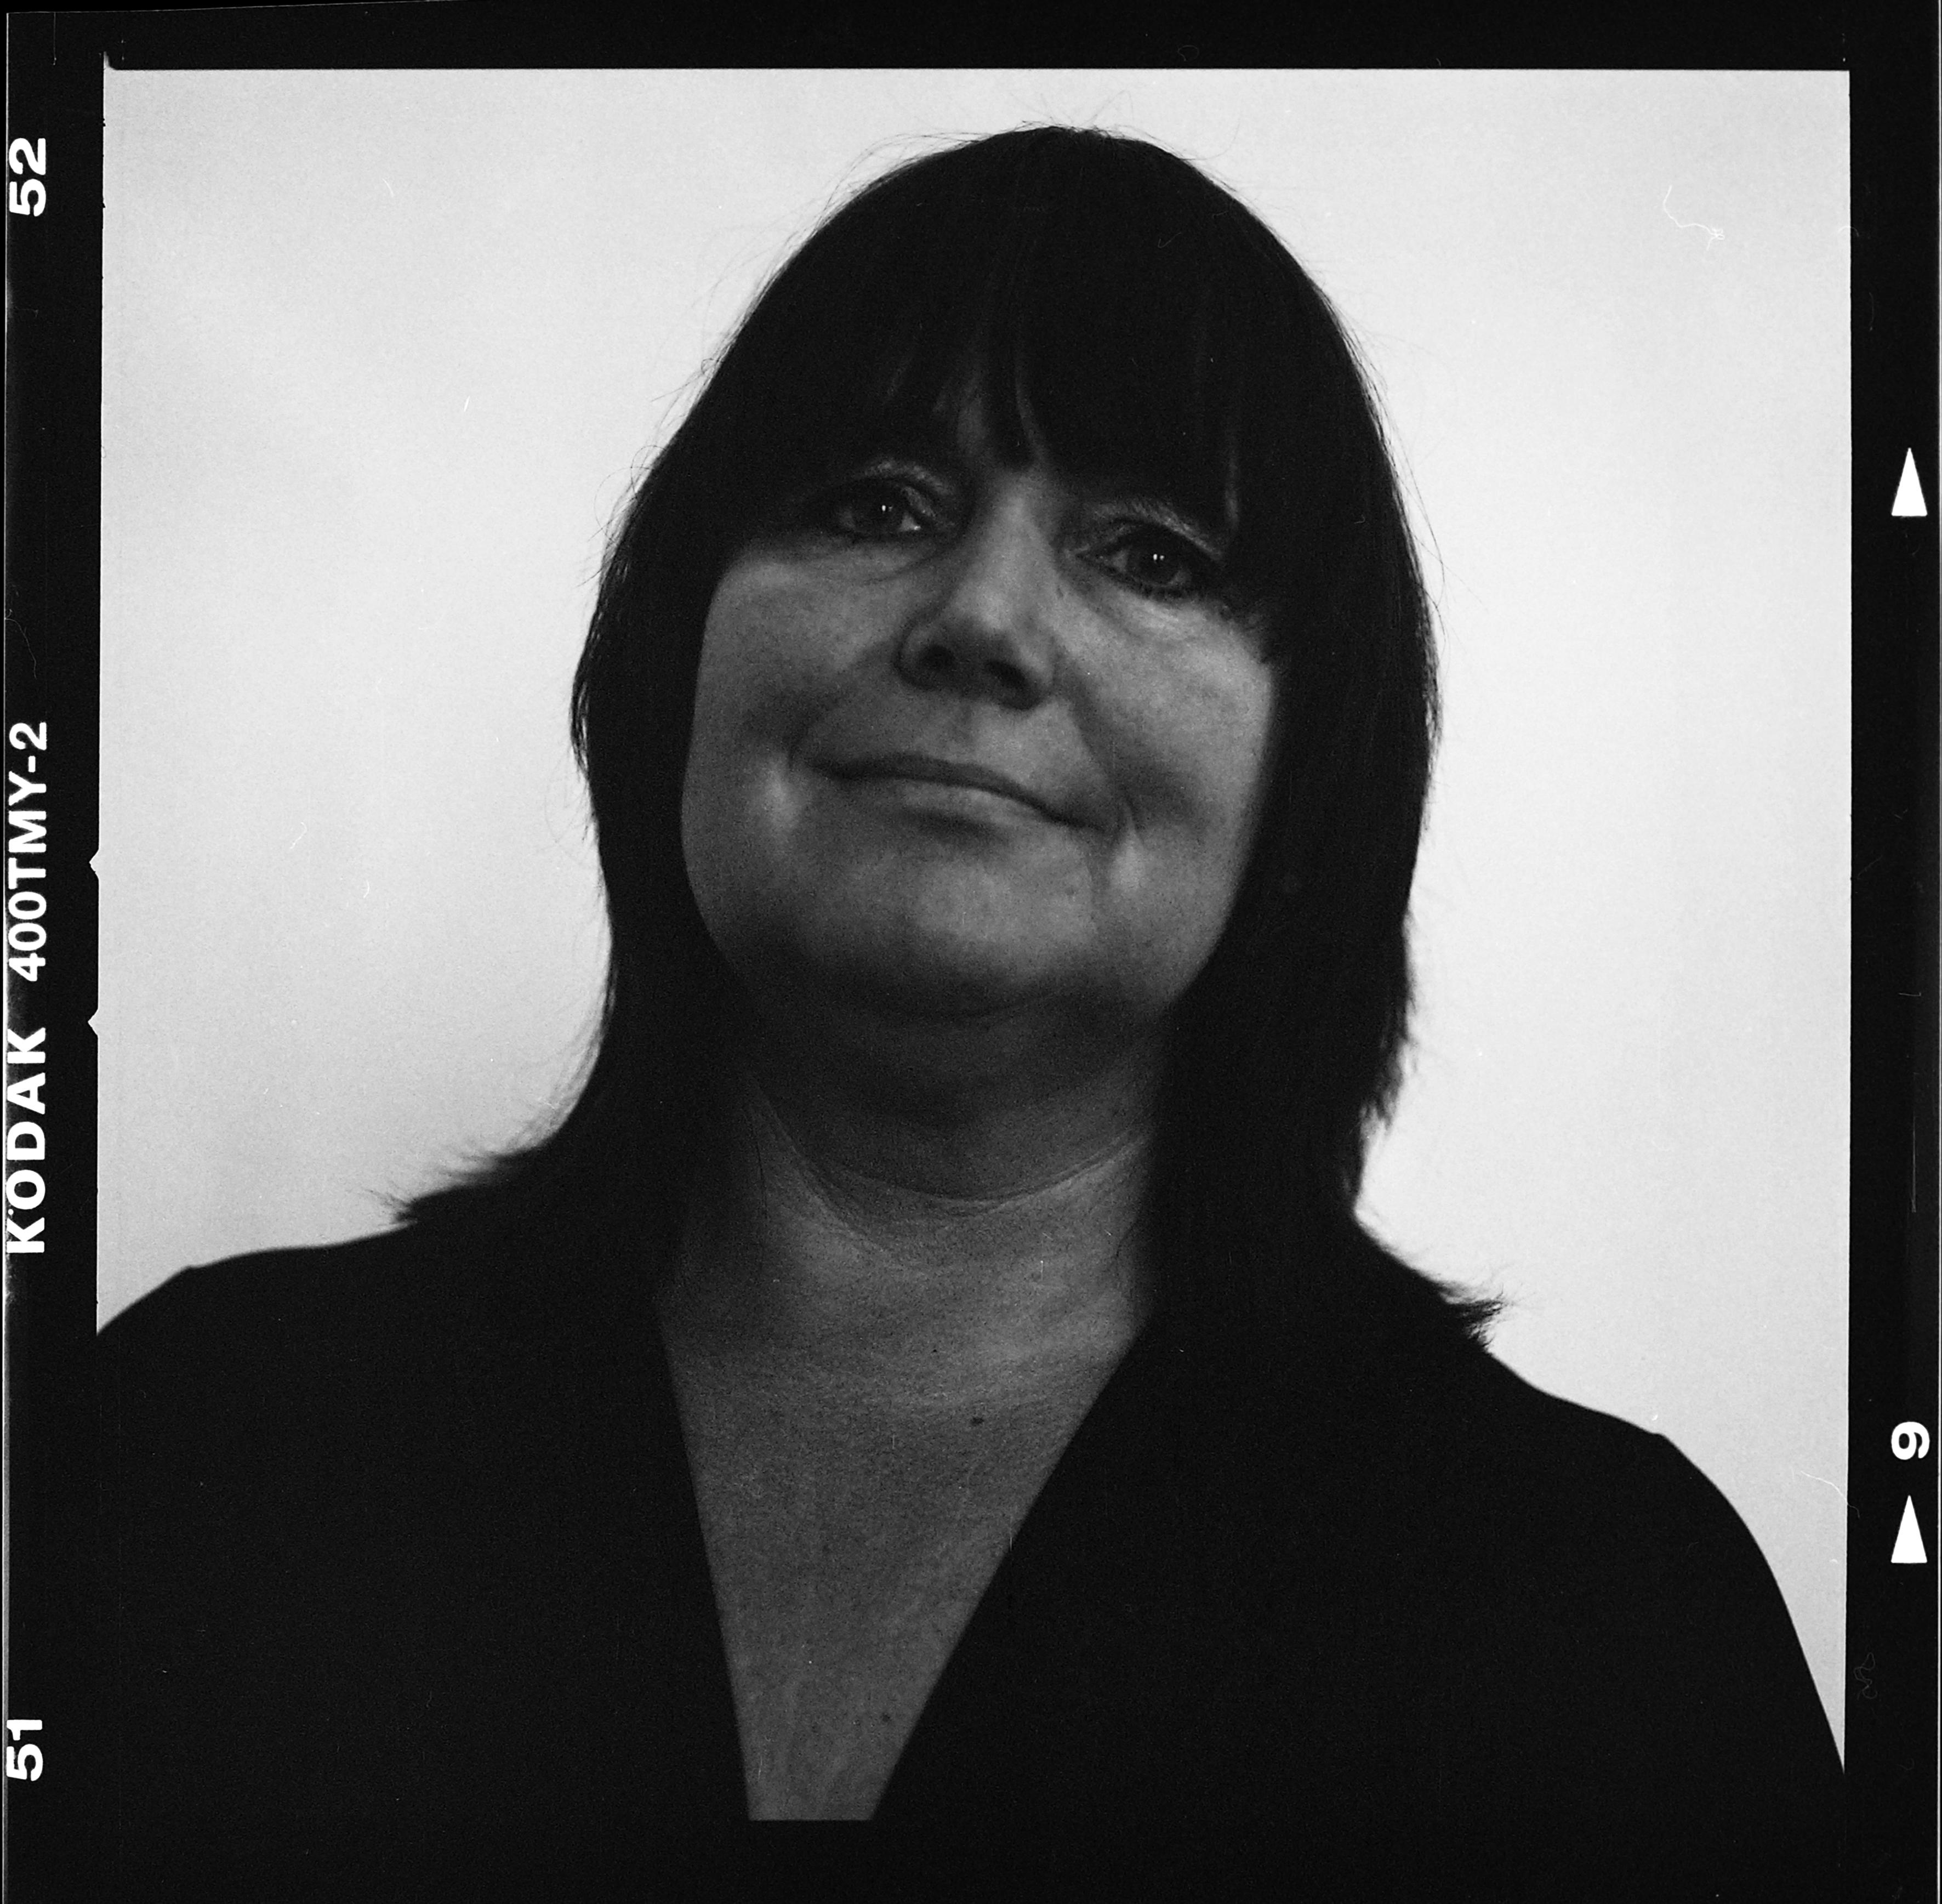 Sarita Hotti är politiker i Eskilstuna. Foto: Mikael Andersson, 2016-05-31, Hasselblad 500 cm, 150mm, f4-1/125 sek.